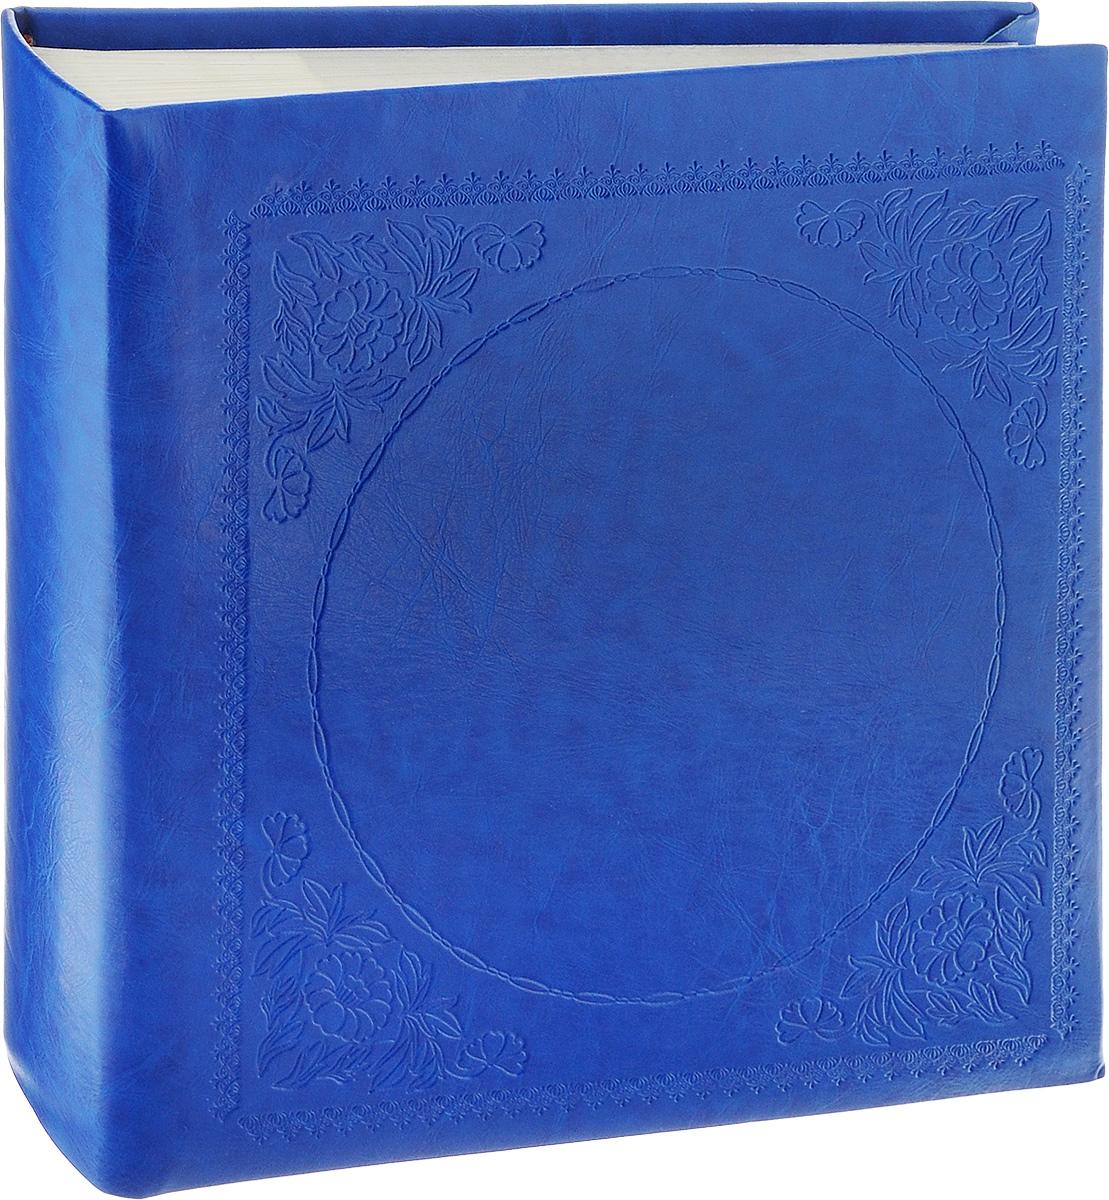 Фотоальбом Pioneer Glossy Leathern, 200 фотографий, цвет: синий, 10 x 15 см46835 LT-4R200PPBB/WФотоальбом Pioneer Glossy Leathern позволит вам запечатлеть незабываемые моменты вашей жизни, сохранить свои истории и воспоминания на его страницах. Обложка из толстого картона обтянута искусственной кожей и оформлена декоративным тиснением. Фотоальбом рассчитан на 200 фотографий форматом 10 x 15 см (по 2 на странице). Имеются поля для подписей. Такой необычный фотоальбом позволит легко заполнить страницы вашей истории, и с годами ничего не забудется.Тип обложки: Делюкс (Искусственная кожа).Страницы: Бумажные.Тип переплета: Книжный.Кол-во фотографий: 200.Материалы, использованные в изготовлении альбома, обеспечивают высокое качество хранения ваших фотографий, поэтому фотографии не желтеют со временем.